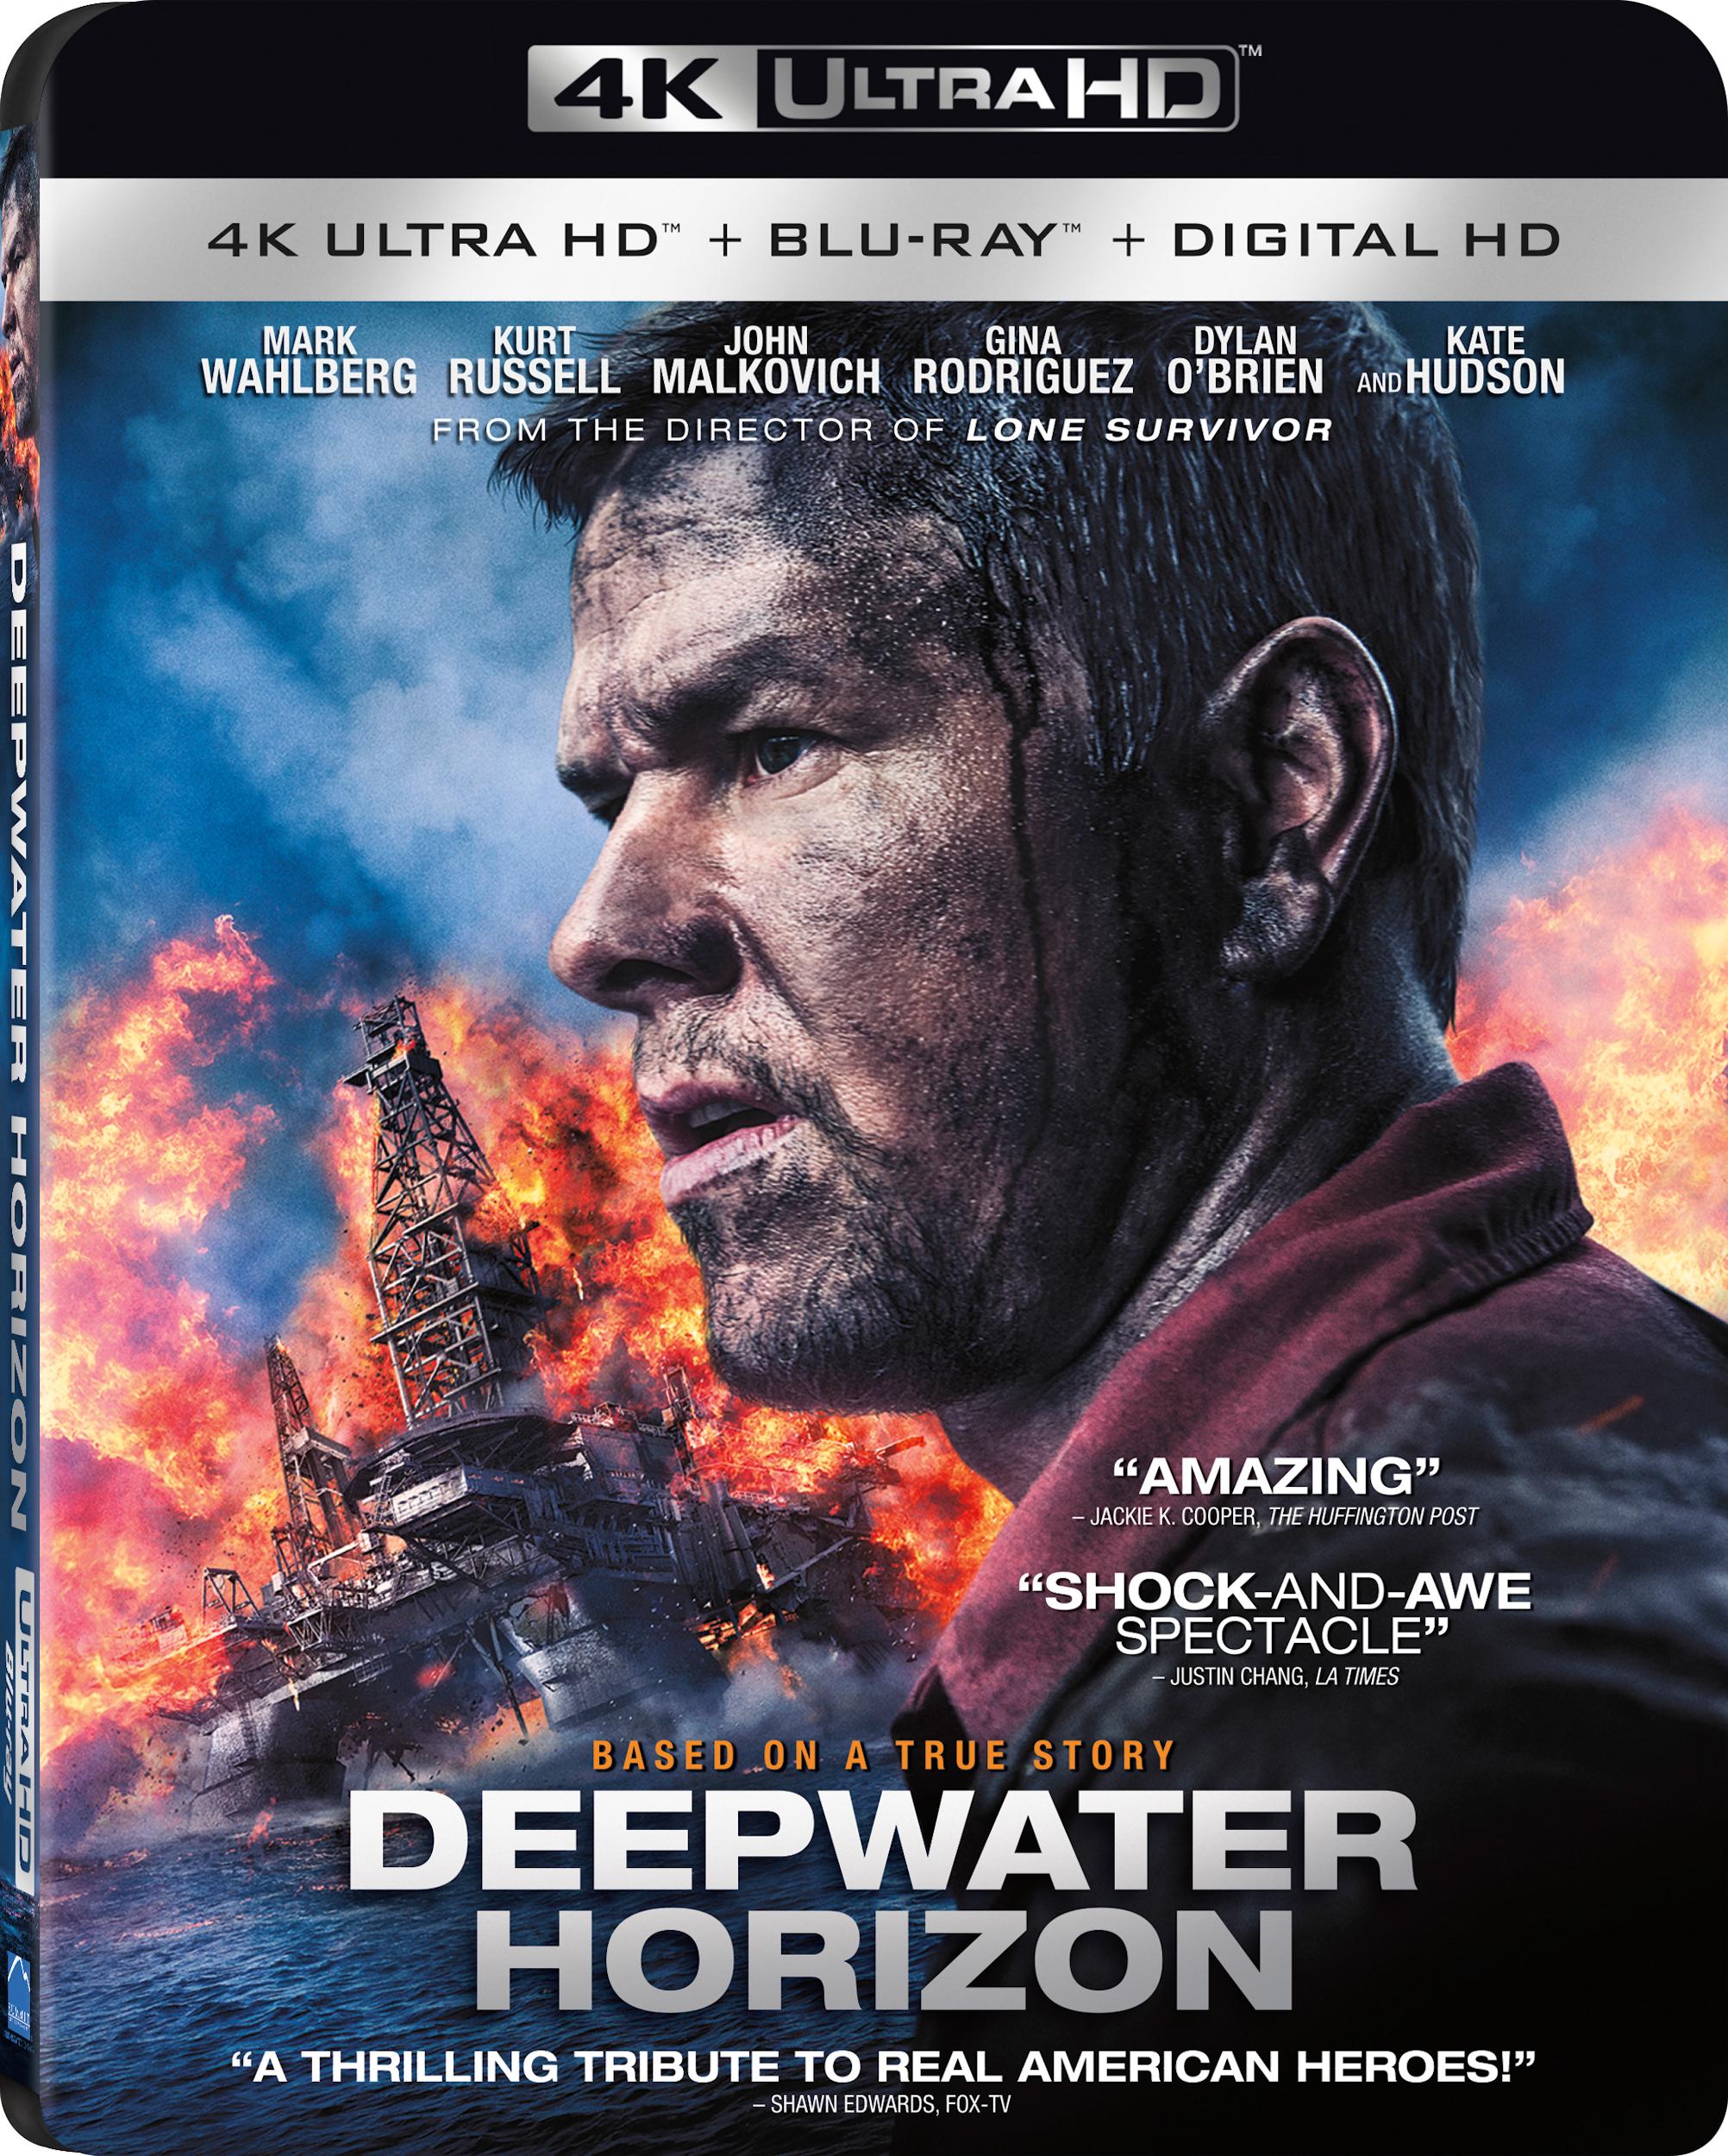 Deepwater Horizon 4K (2016) 4K Ultra HD Blu-ray